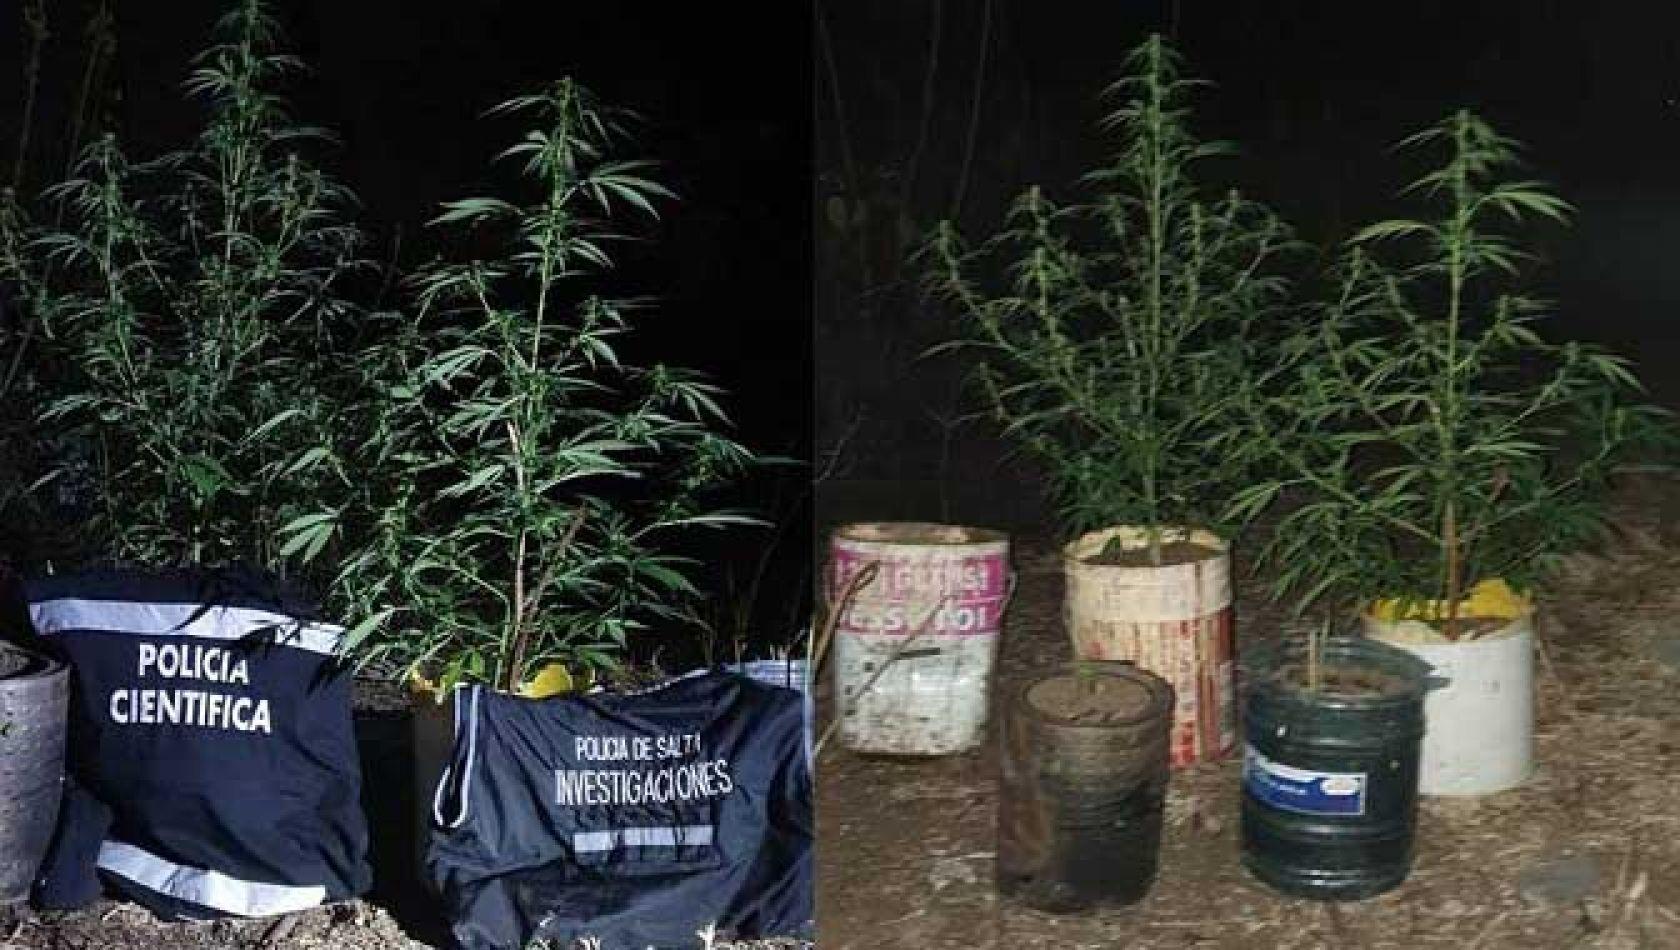 Incautan más de 4 mil dosis de marihuana y plantines